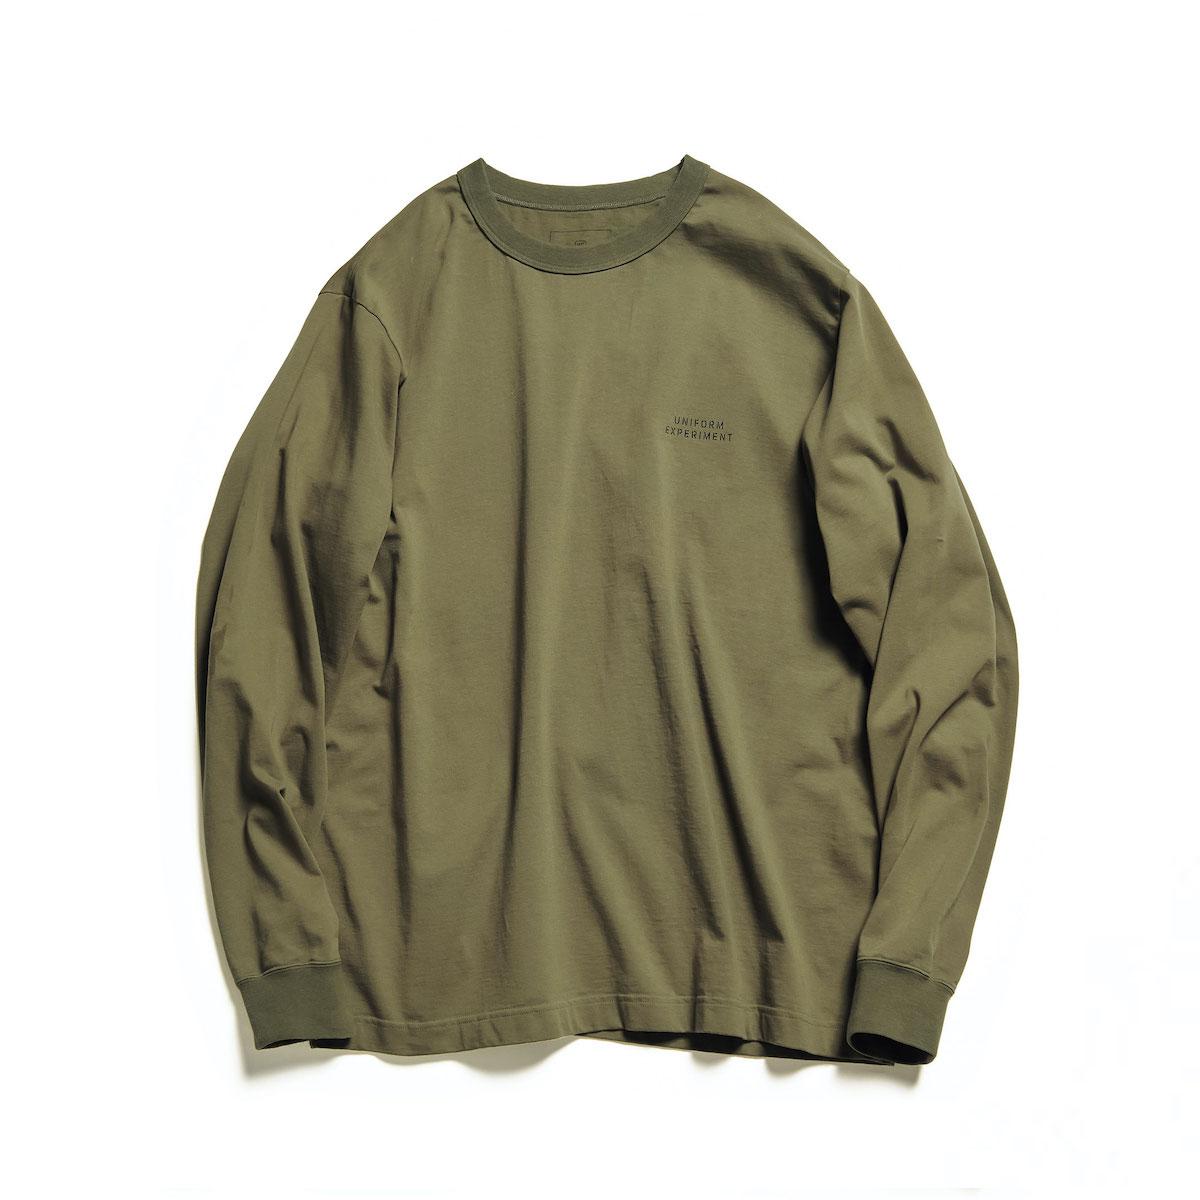 uniform experiment / STENCILE WIDE L/S TEE (Khaki)